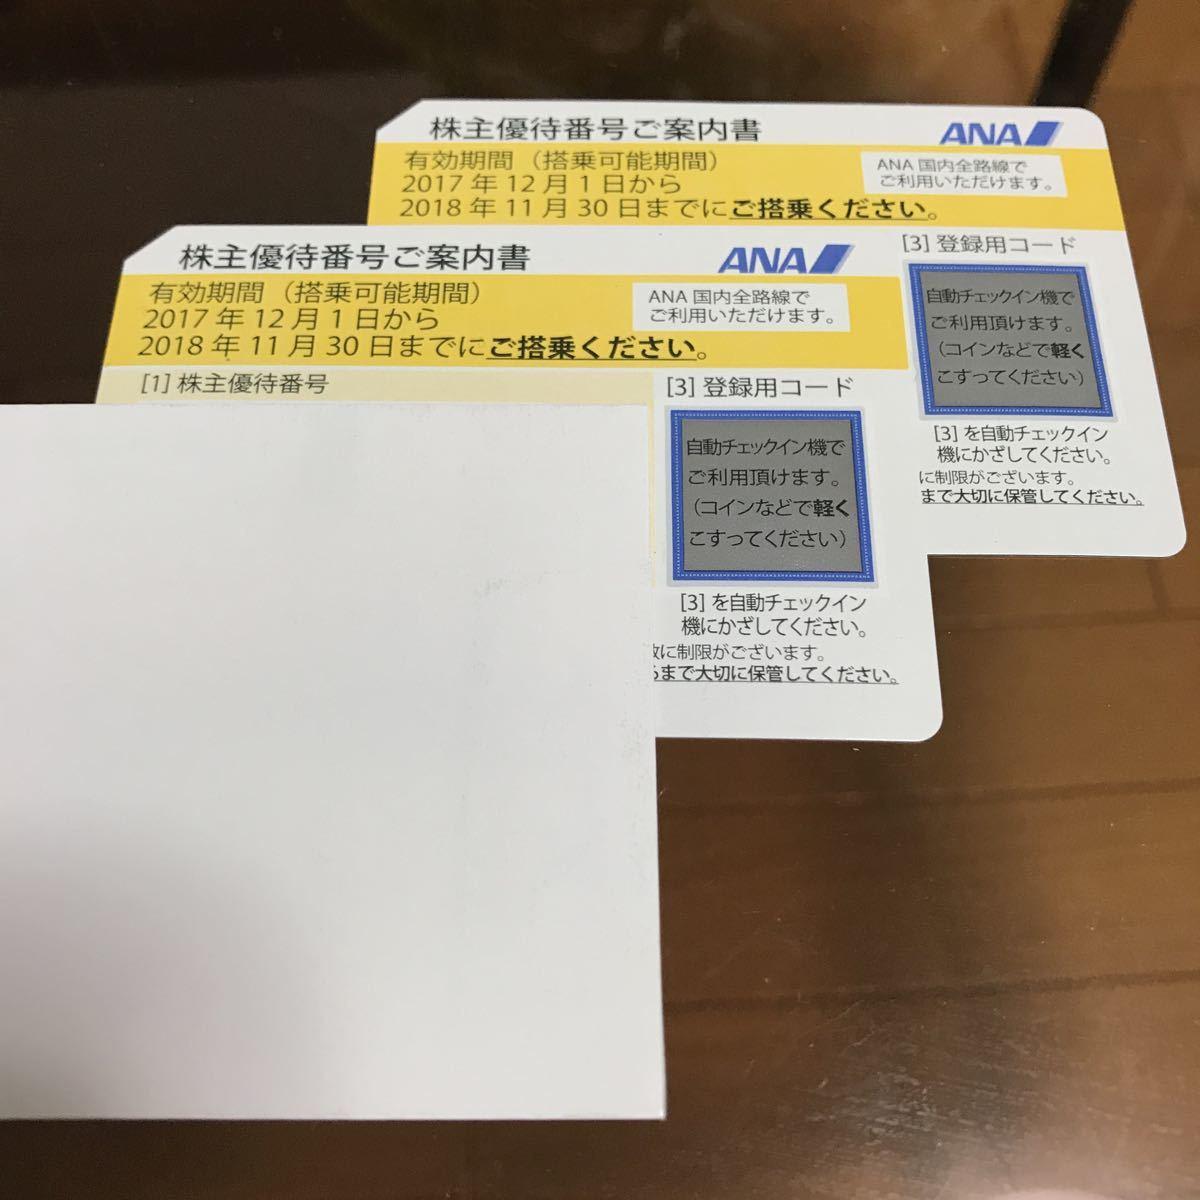 【株主優待番号、パスワード通知】ANA 全日空 株主優待券 2018/11/30搭乗まで 2枚セット